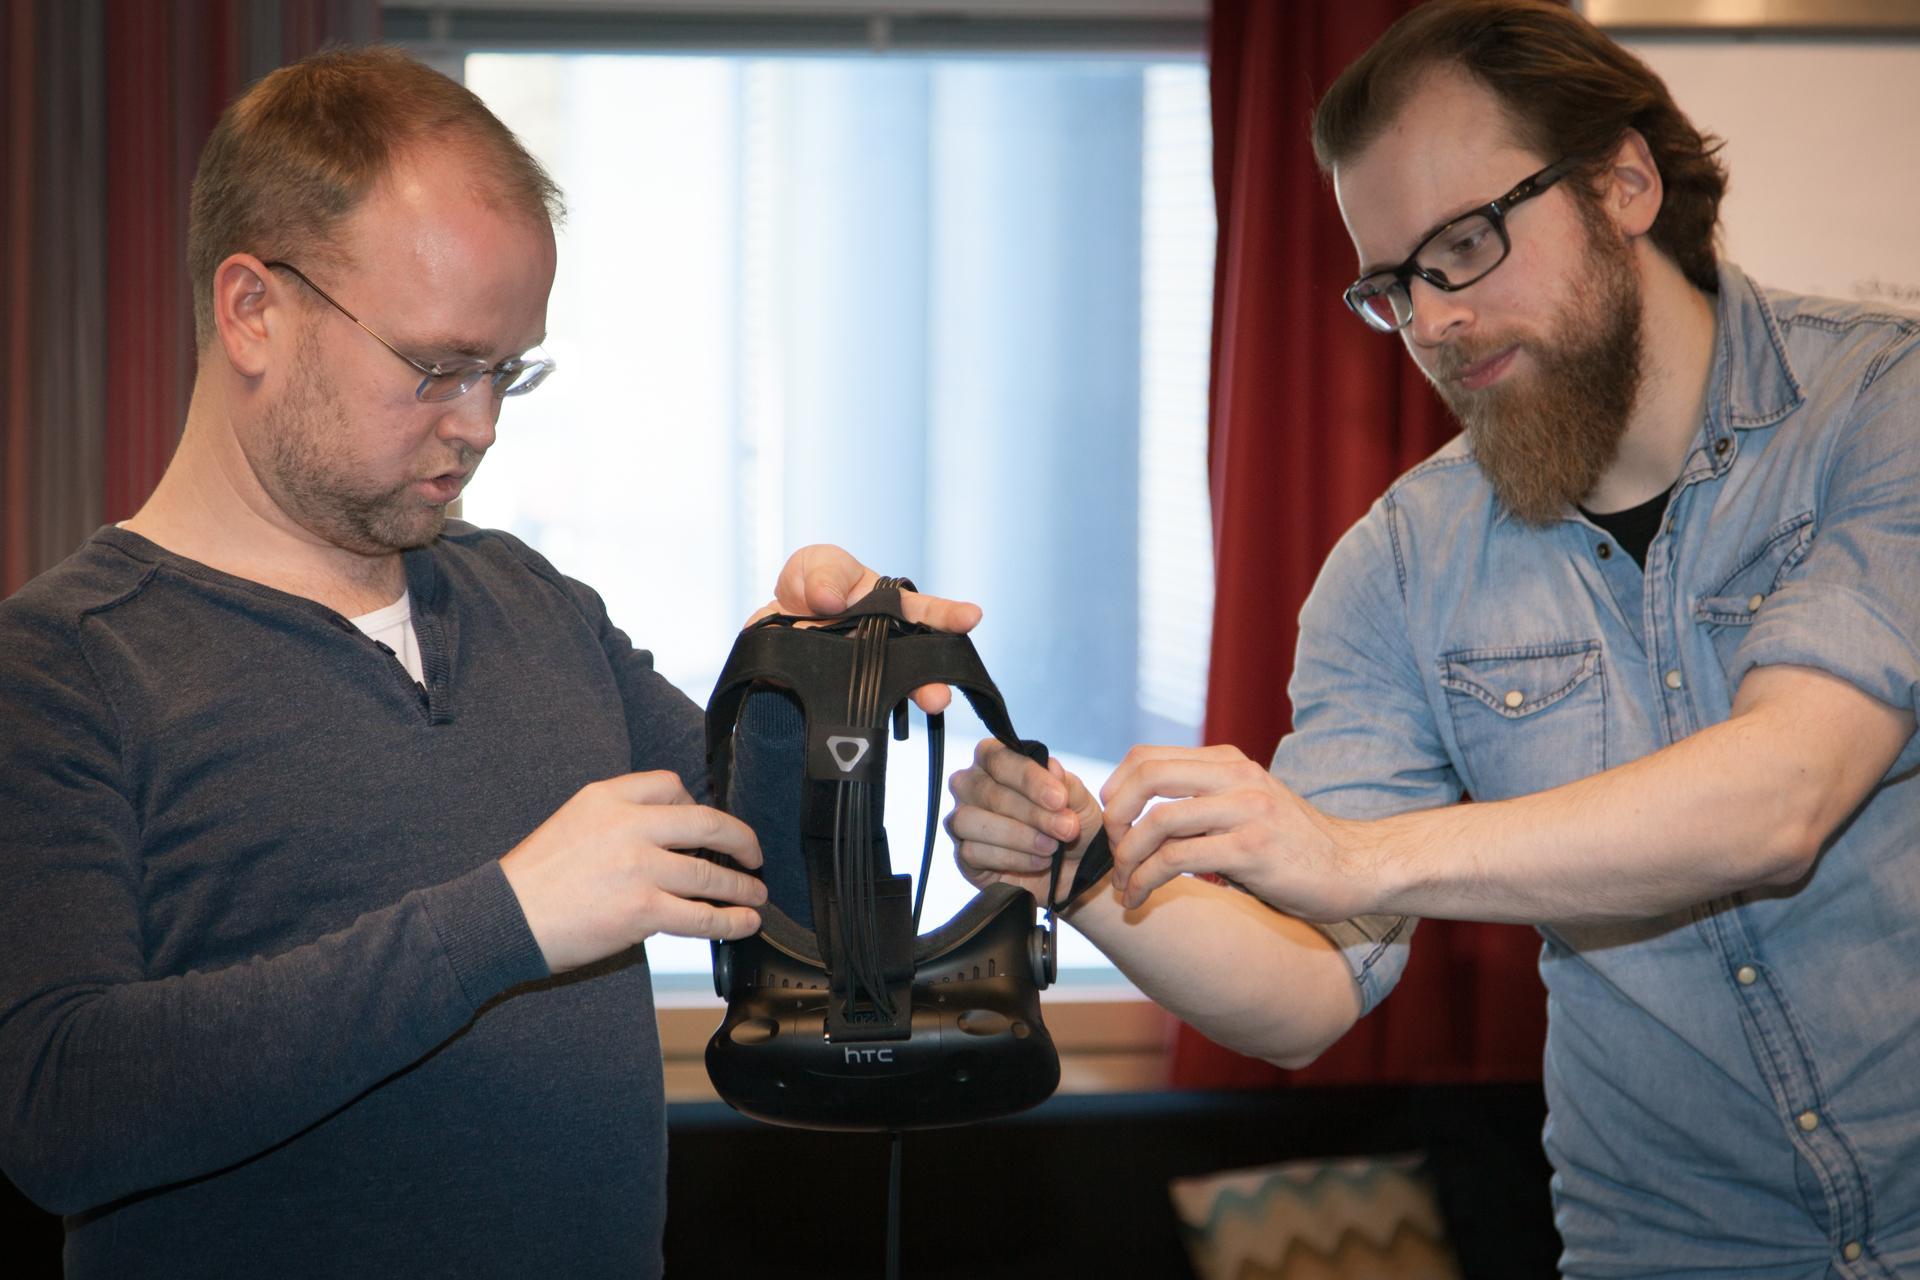 Äkräs-hankepäivän aikana testattiin virtuaalista puunkaatoa. Ohjelmoija Mikko Pallas (oik.) Lapin AMK:sta auttaa 4H-liiton metsäasiantuntija Sampo Juhajokea virtuaalilasien kanssa.